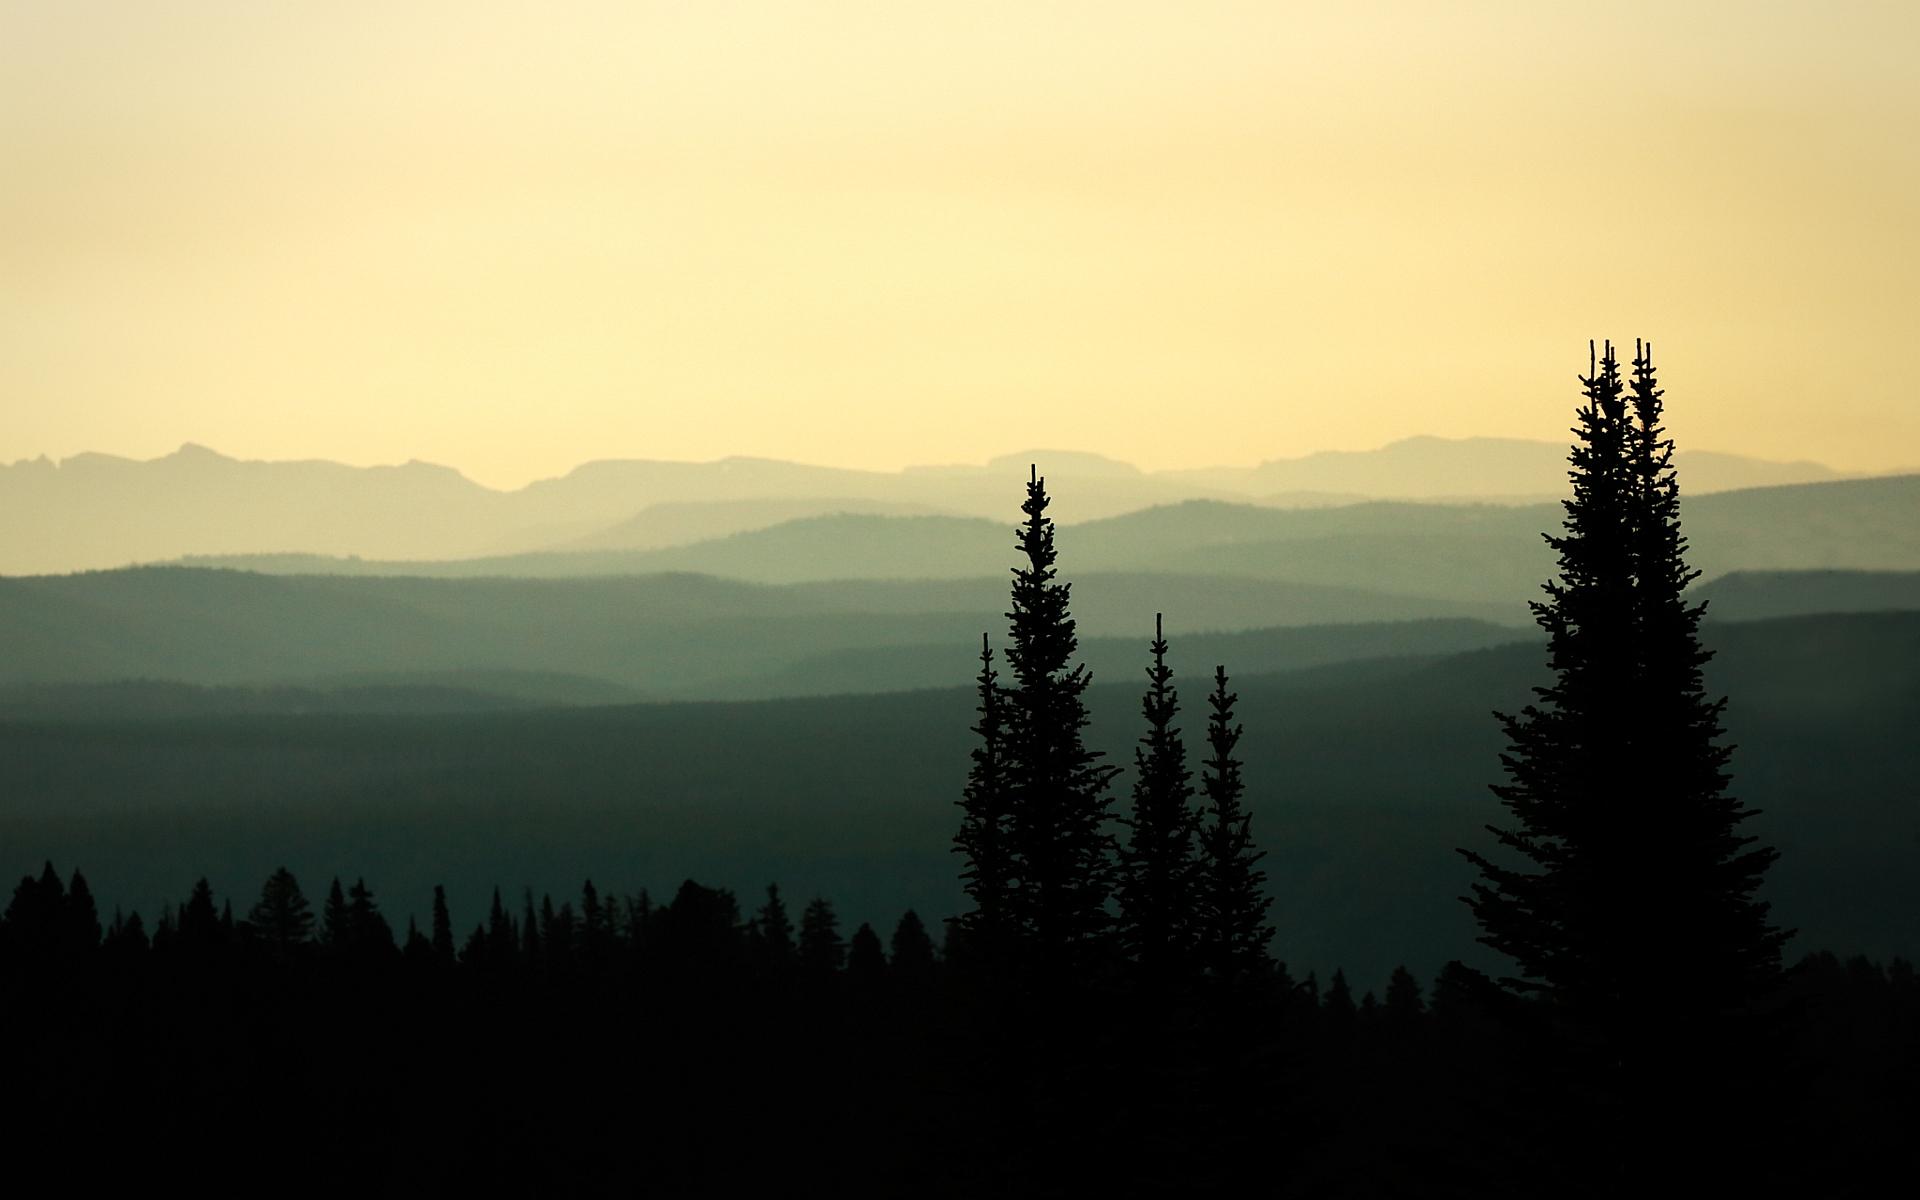 sky hills hd